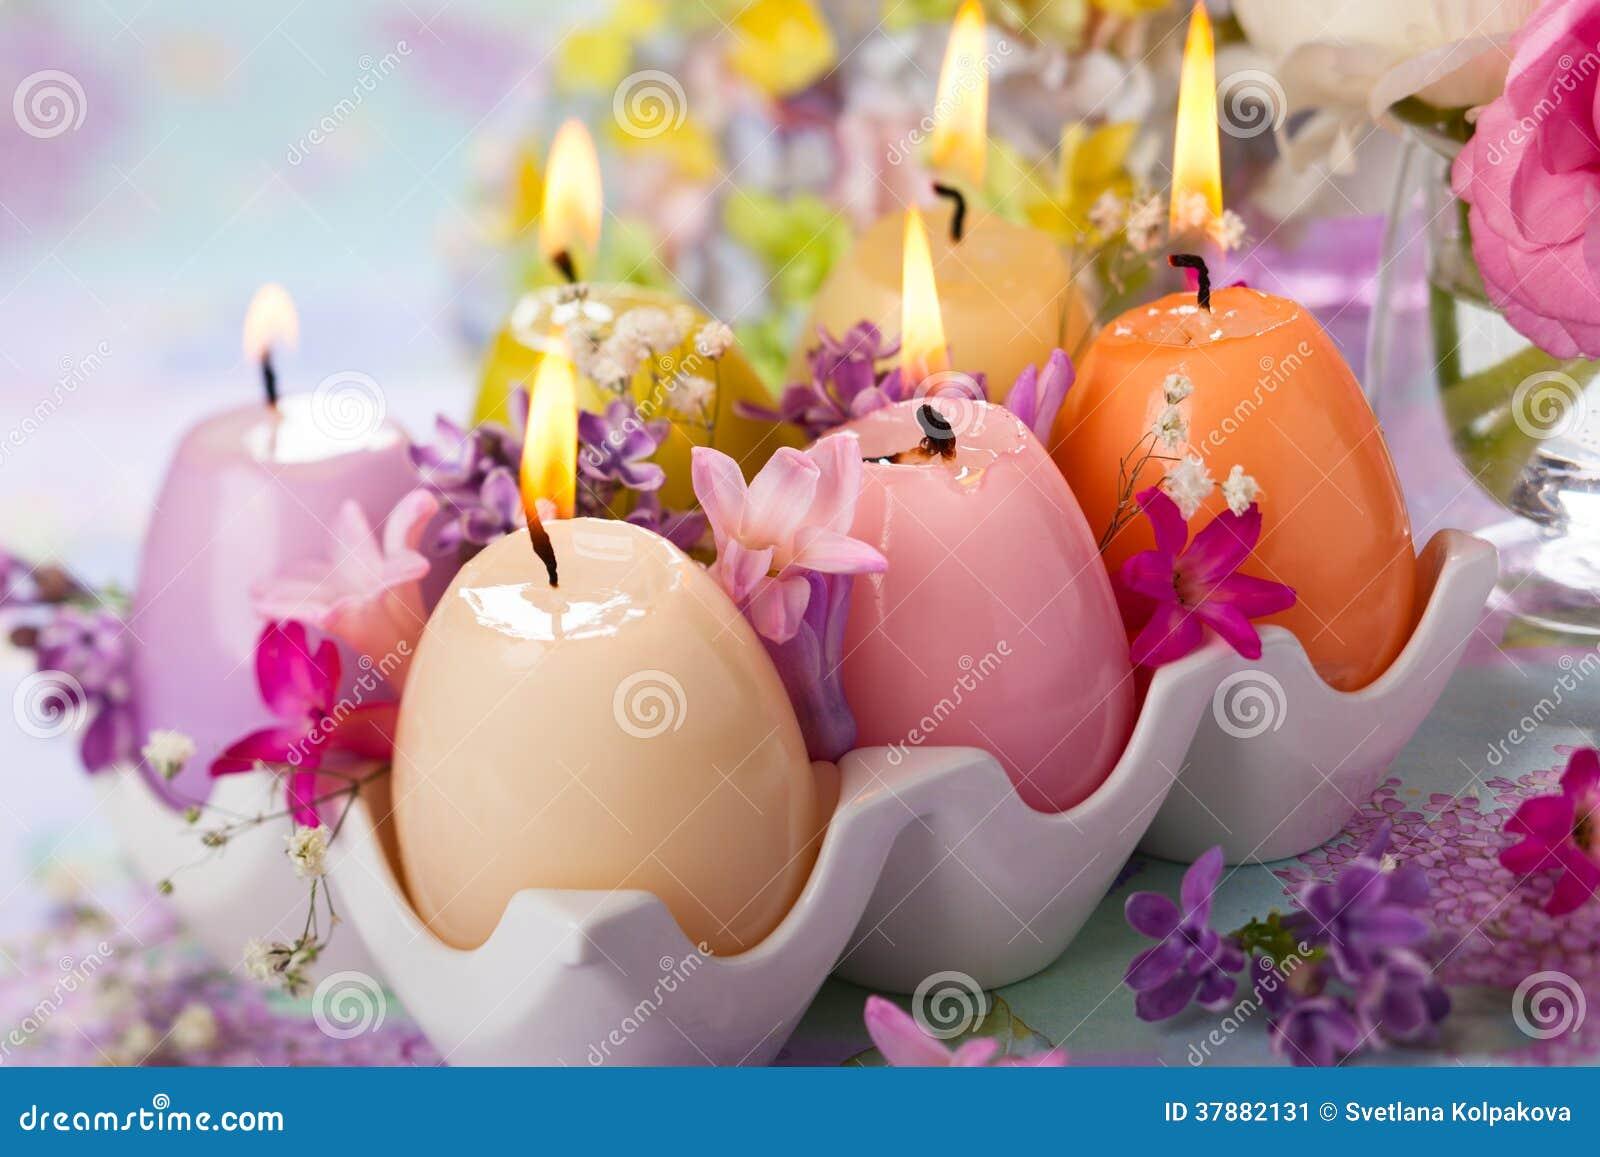 Bougies de Pâques